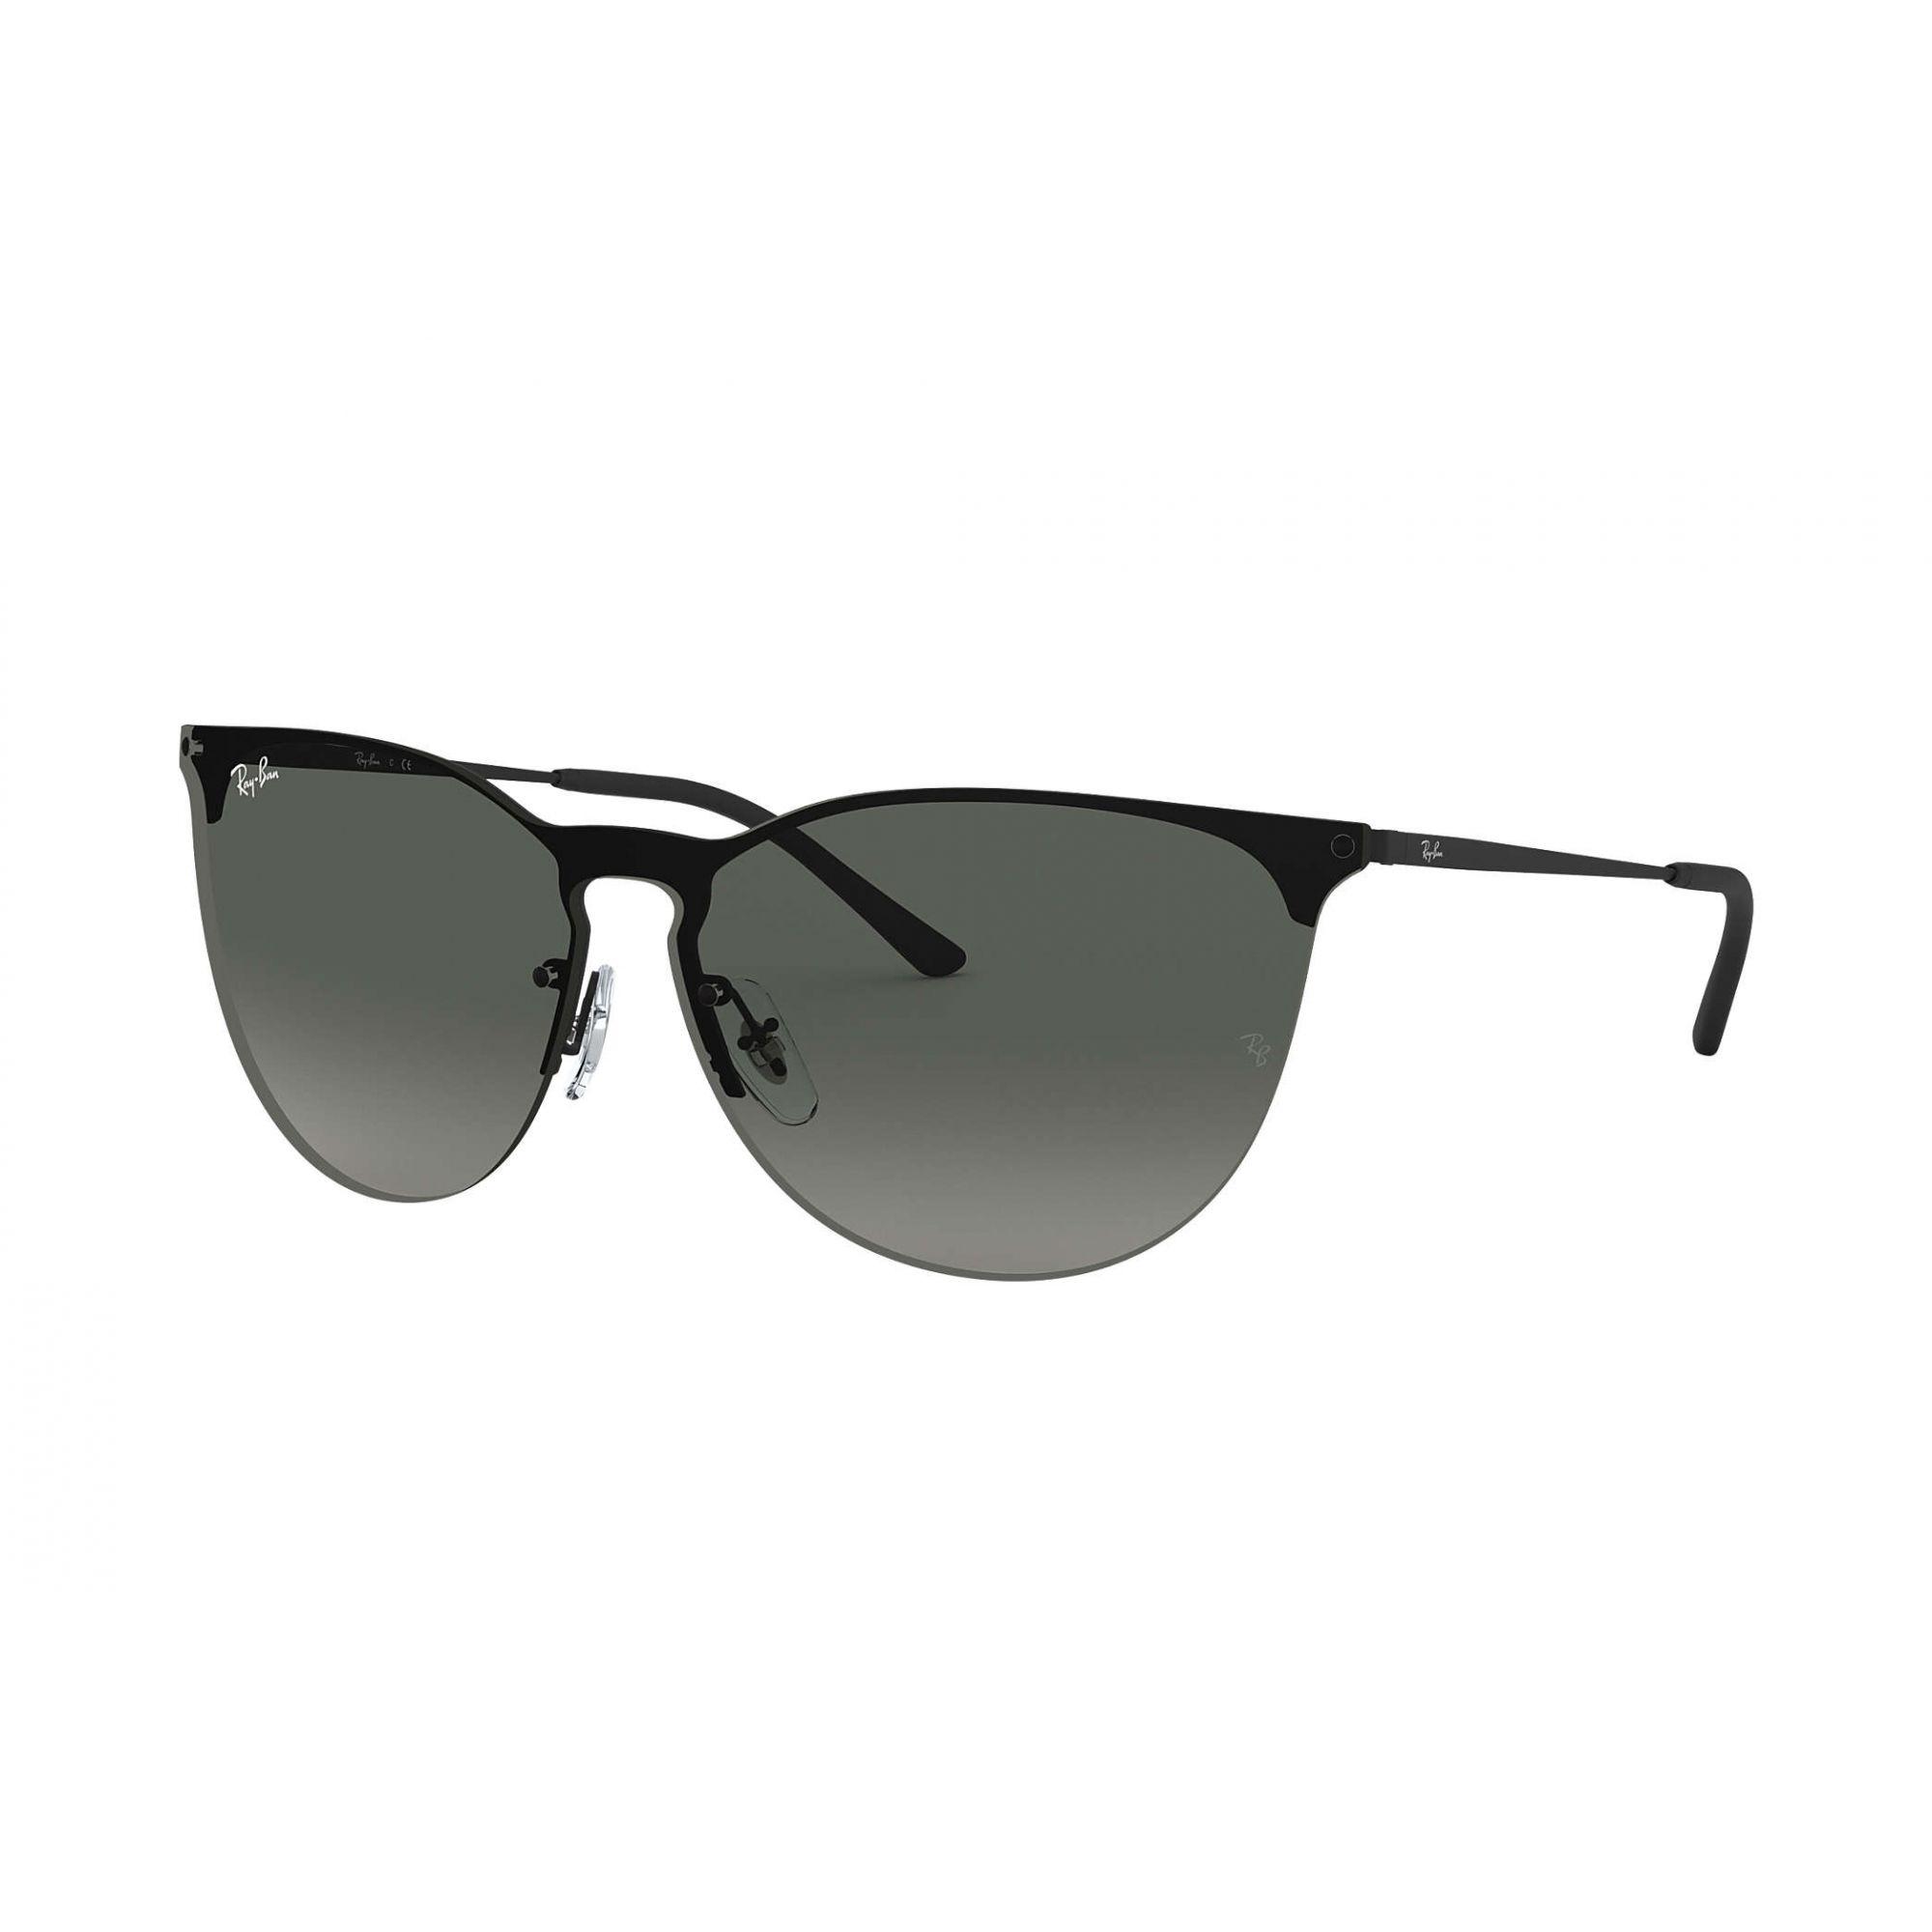 Ray Ban - RB3652 90141141 - Óculos de sol